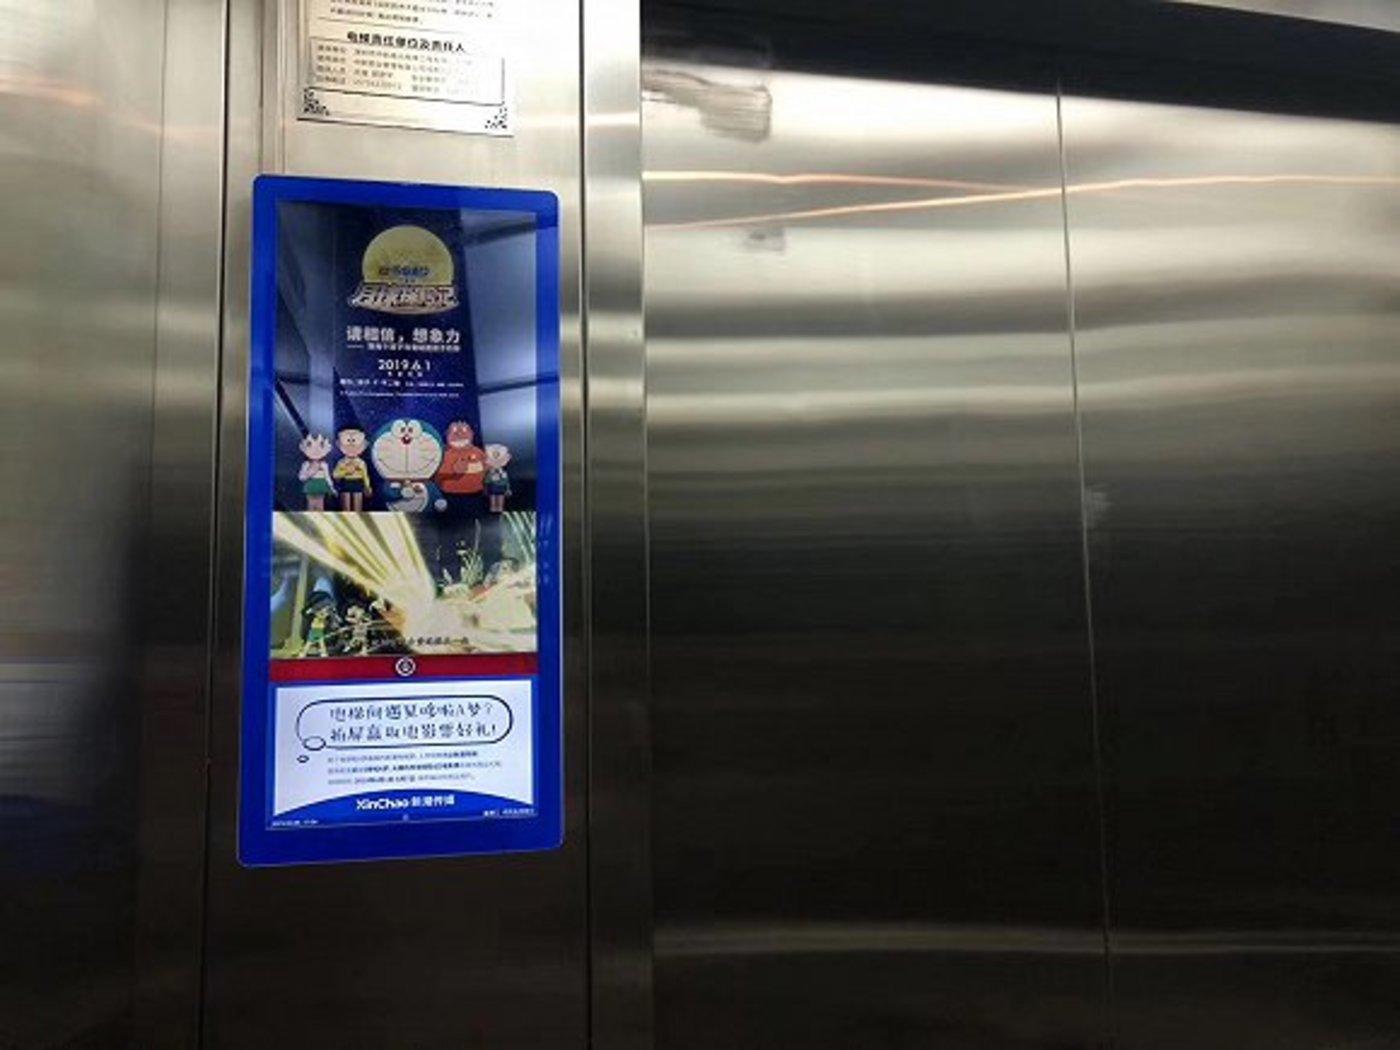 《哆啦A梦:大雄的月球探险》电影电梯竖式屏广告 图片来源:新潮传媒